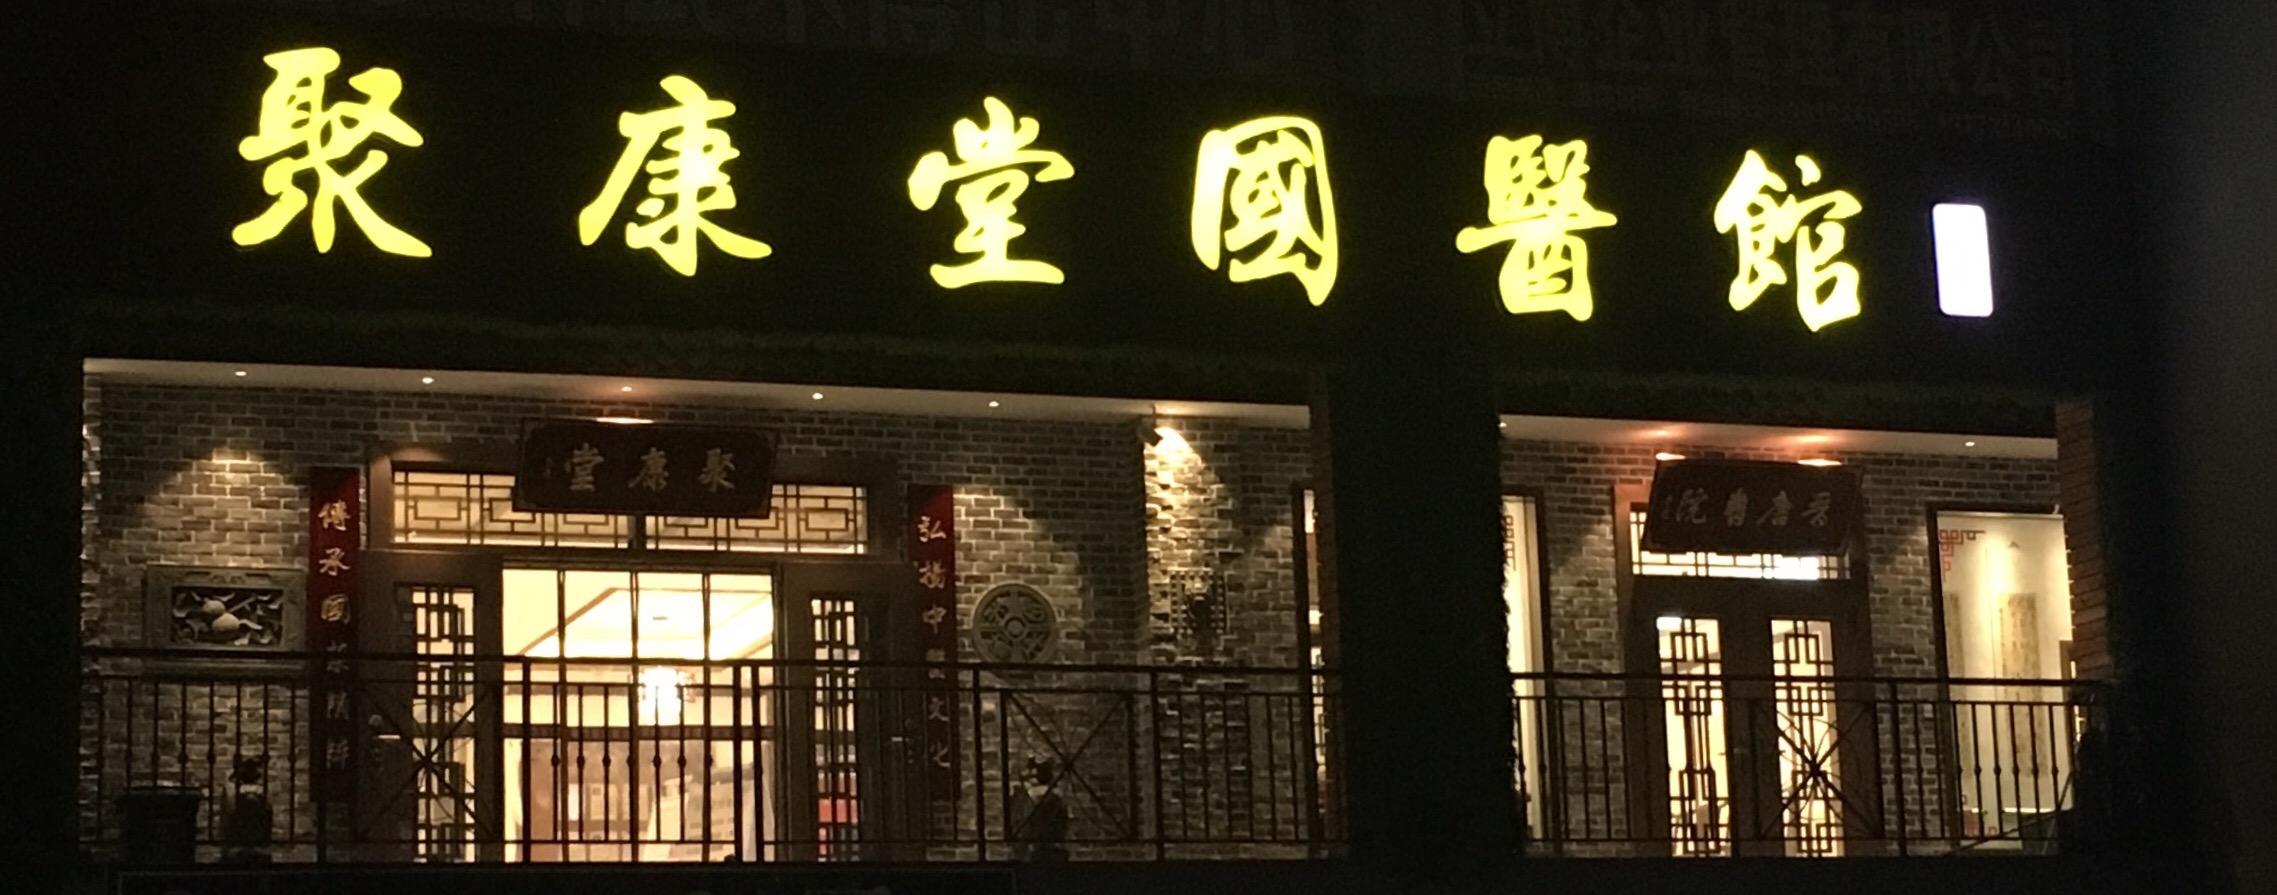 聚康堂  公司简介